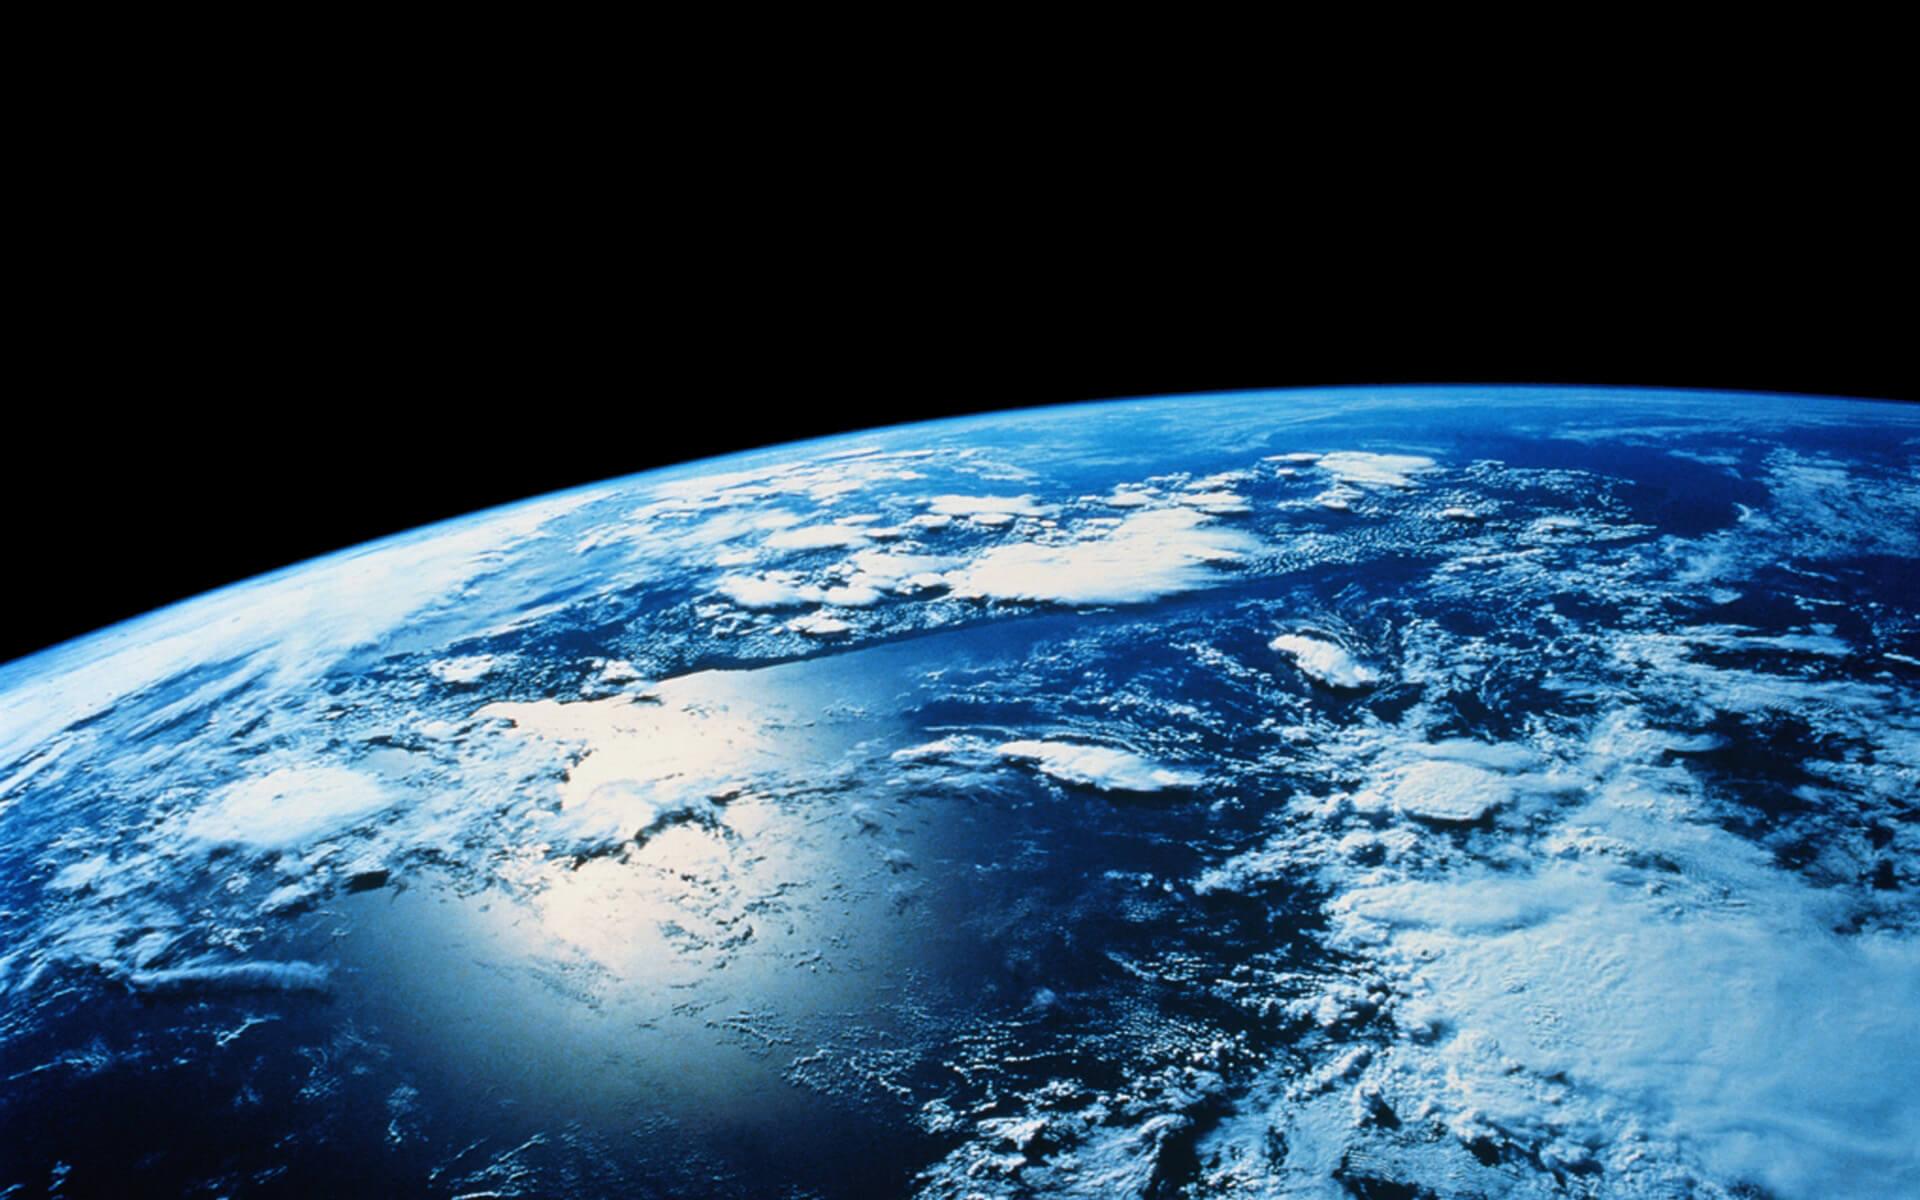 賃貸 品川 不動産|レジェンドクリエイティブ|圧倒的地球